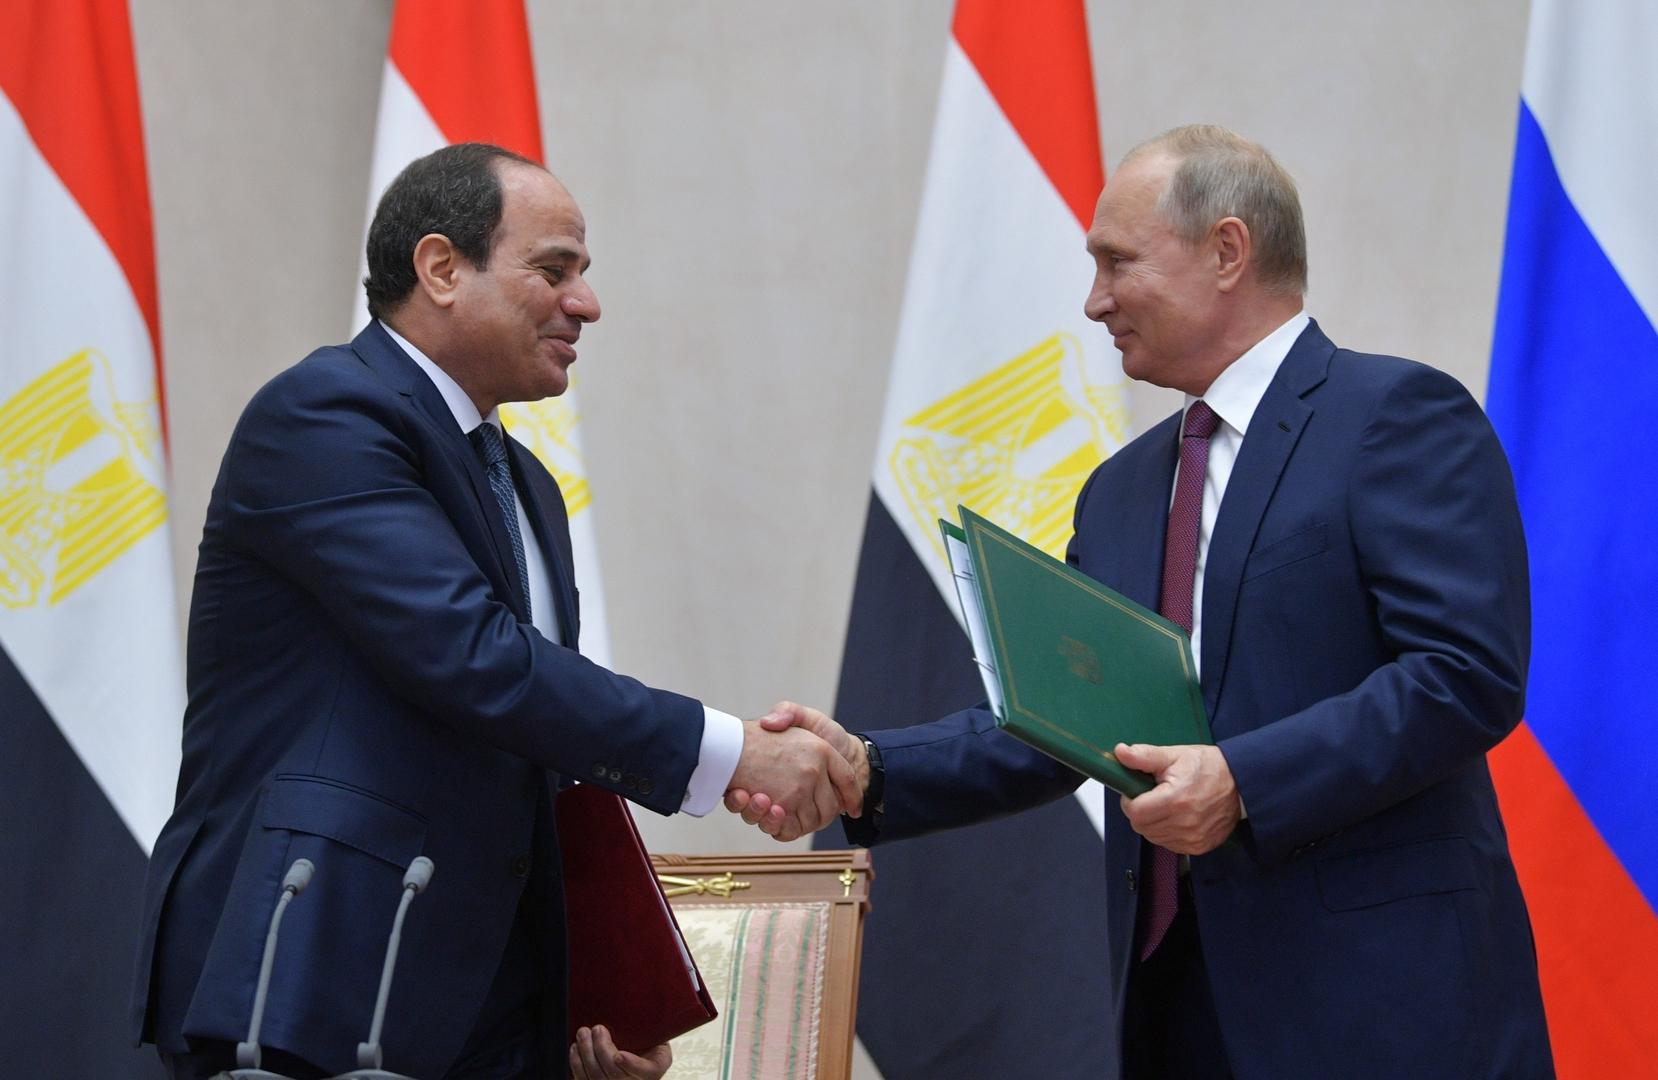 مصر تتسلم باكورة أكبر صفقة من نوعها في التاريخ من روسيا